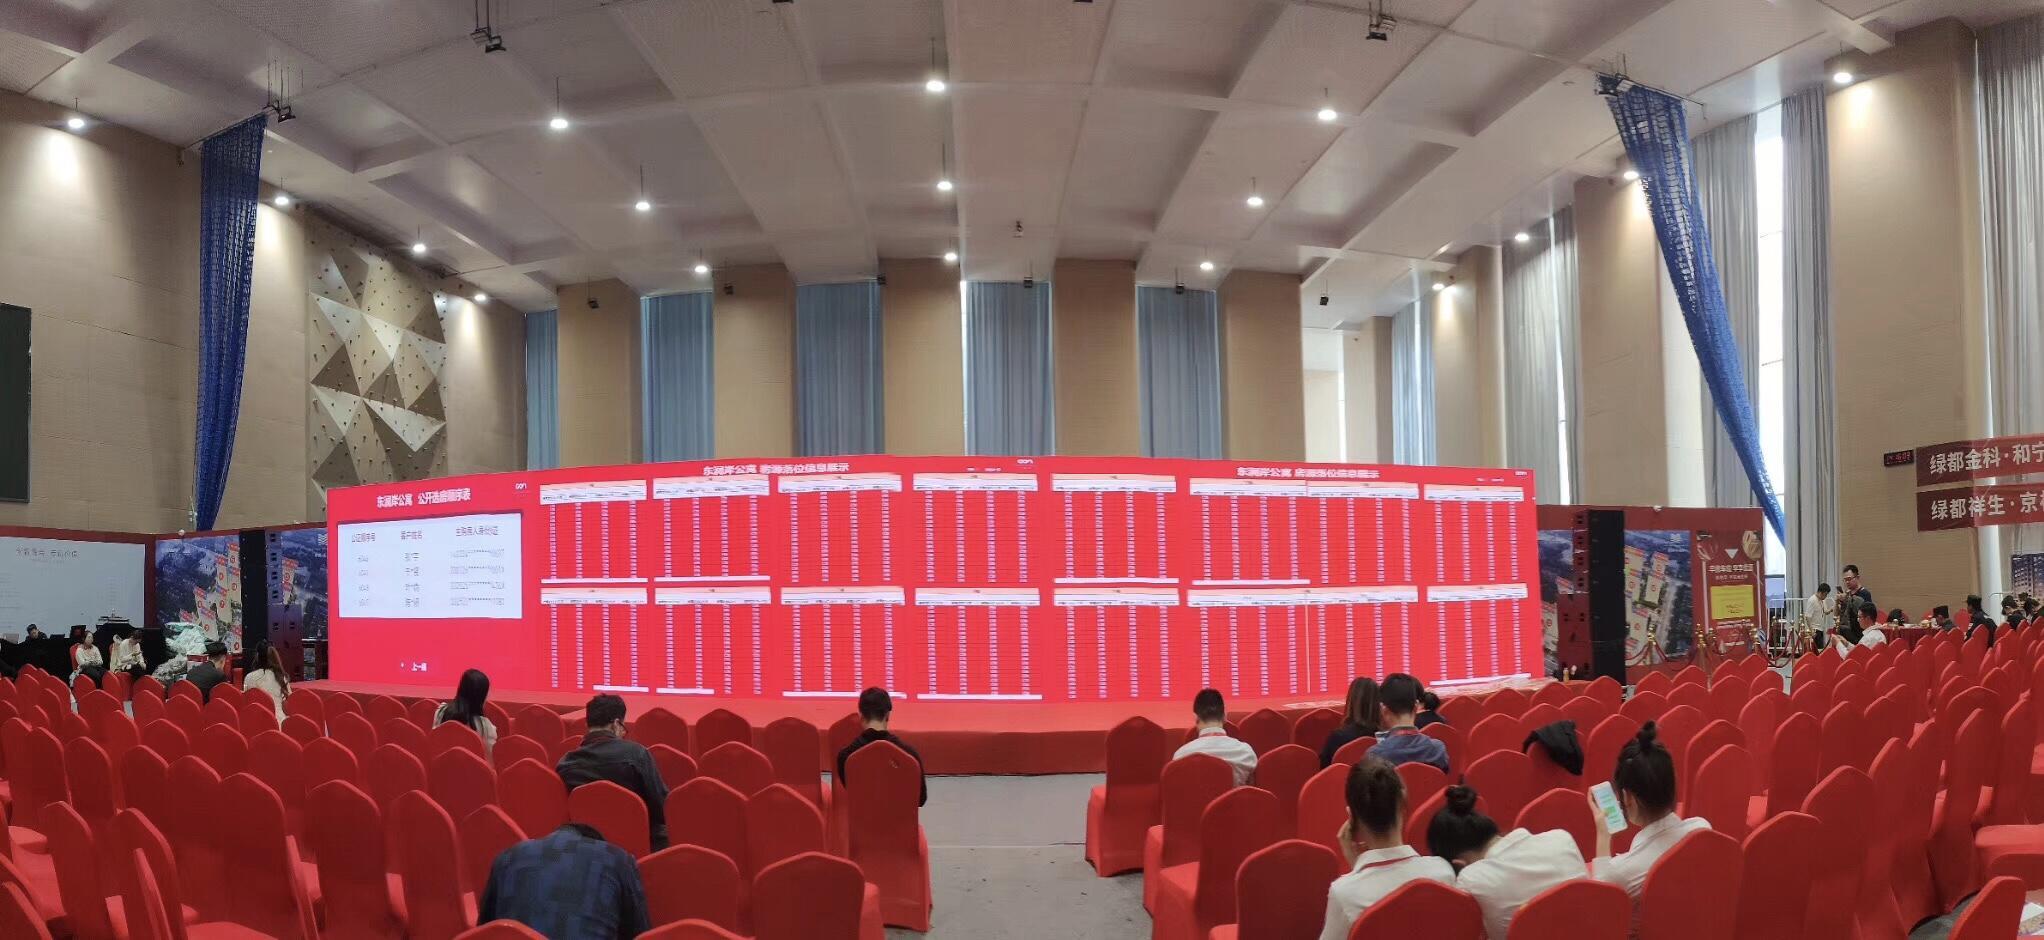 杭州第三个现房销售项目开盘,近